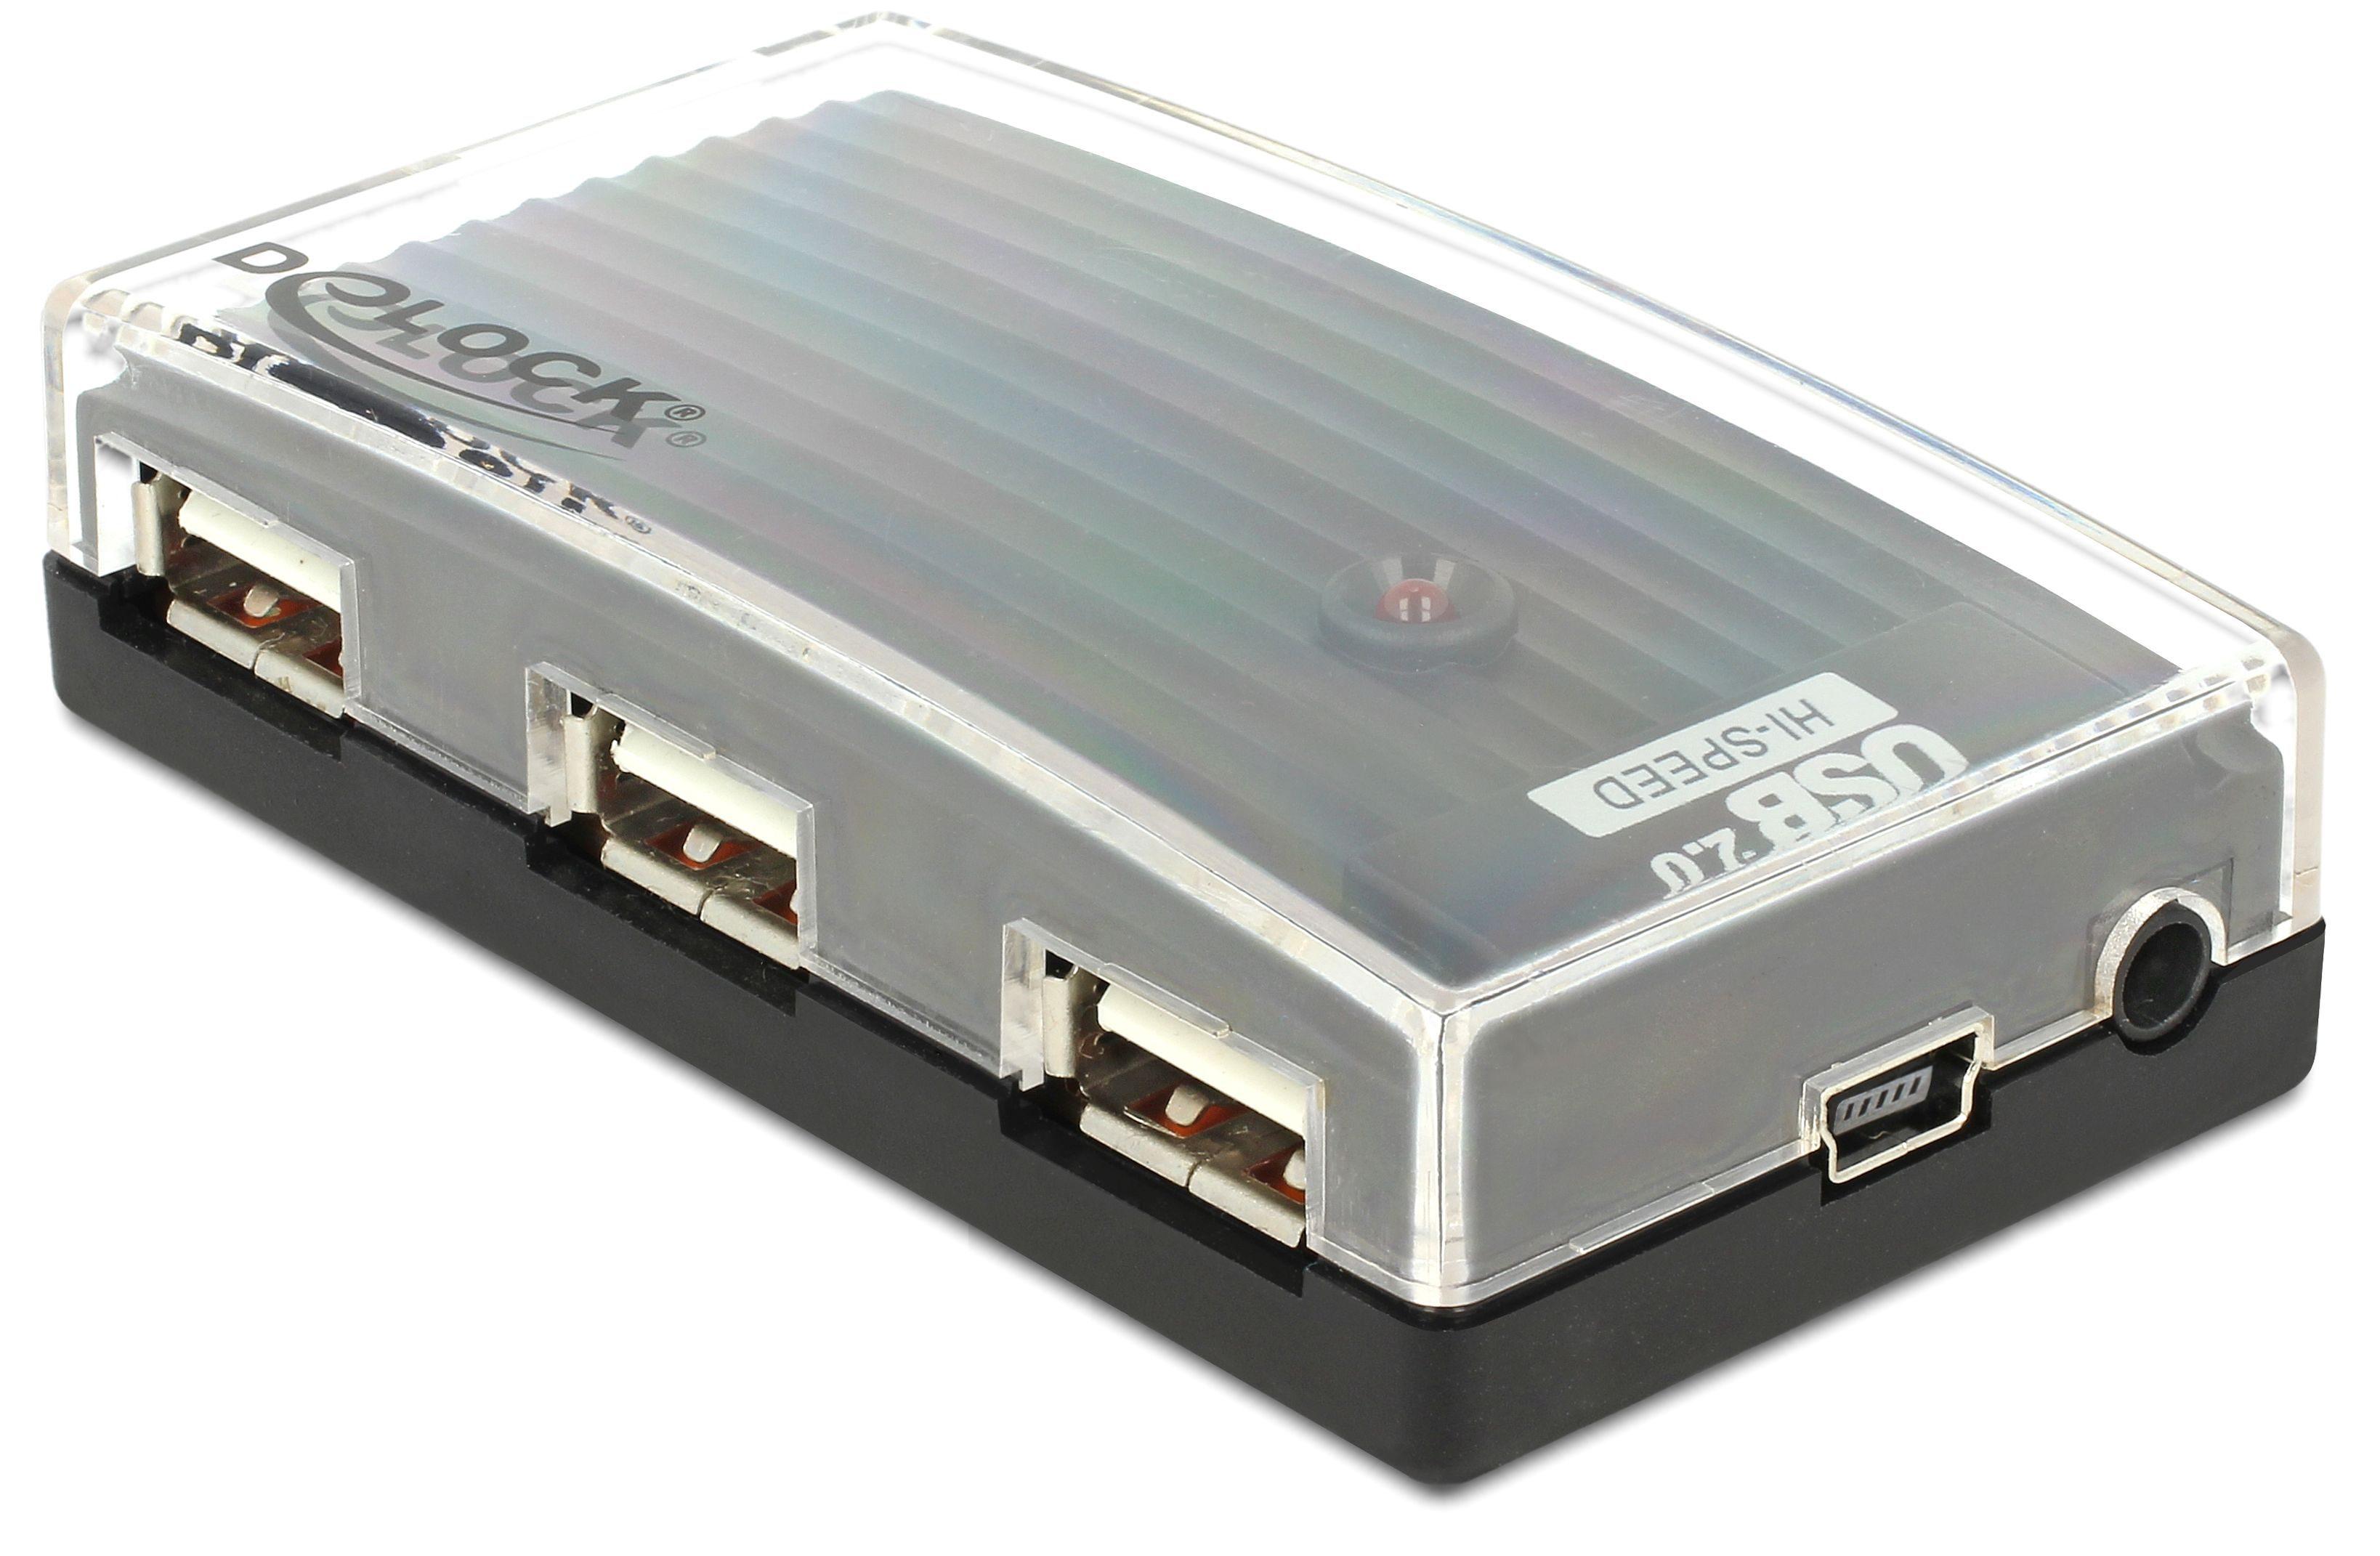 DELOCK Externe USB Port »HUB 2.0 4 Port (61393)«